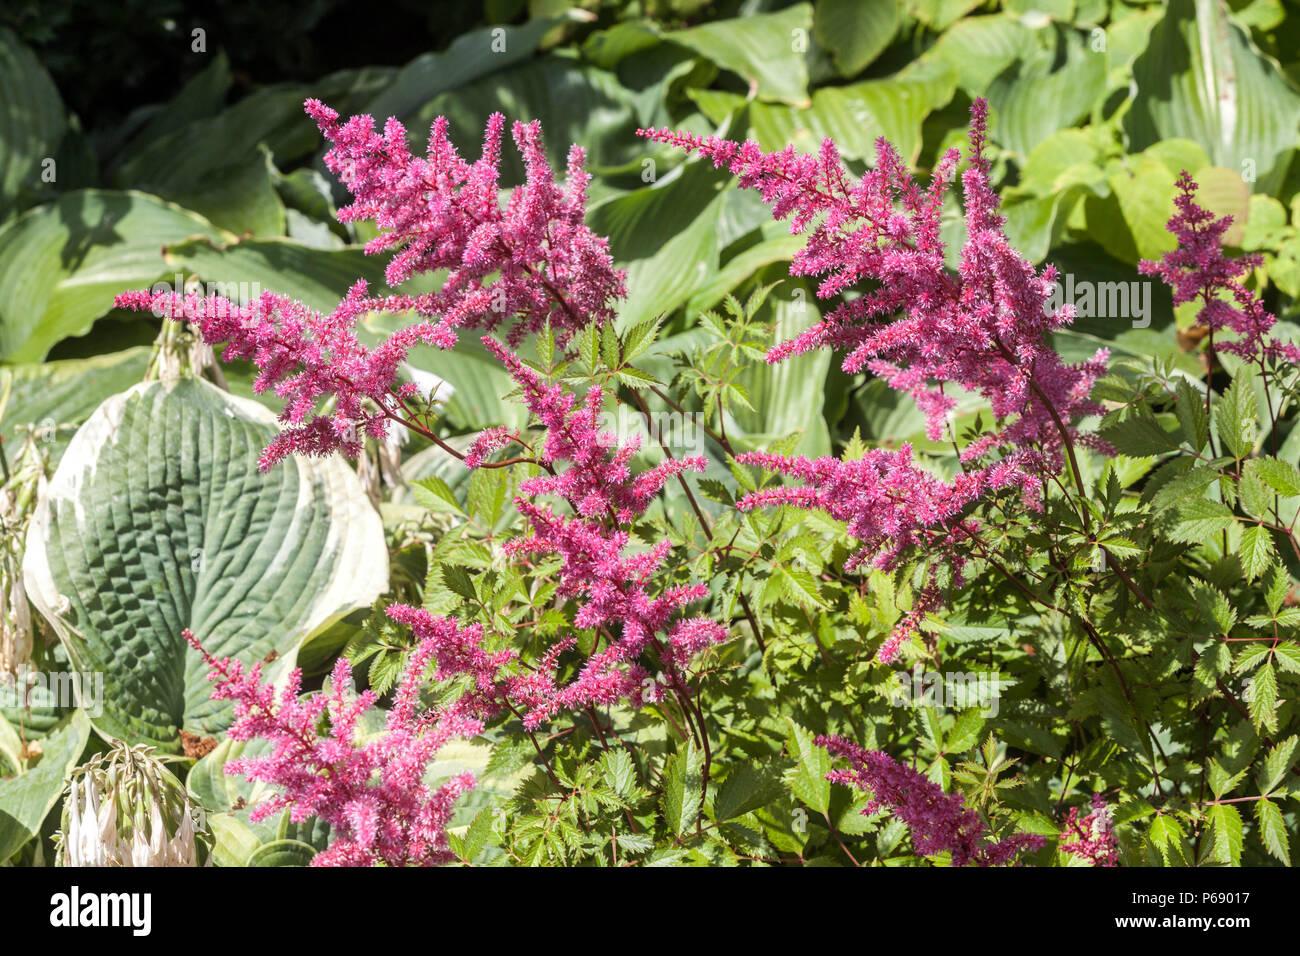 Garden Astilbe Astilbe Arendsii Garden Stock Photos & Garden Astilbe on hosta and daylily garden, hosta and caladium garden, hosta garden plans blueprints, hosta and hydrangea garden,